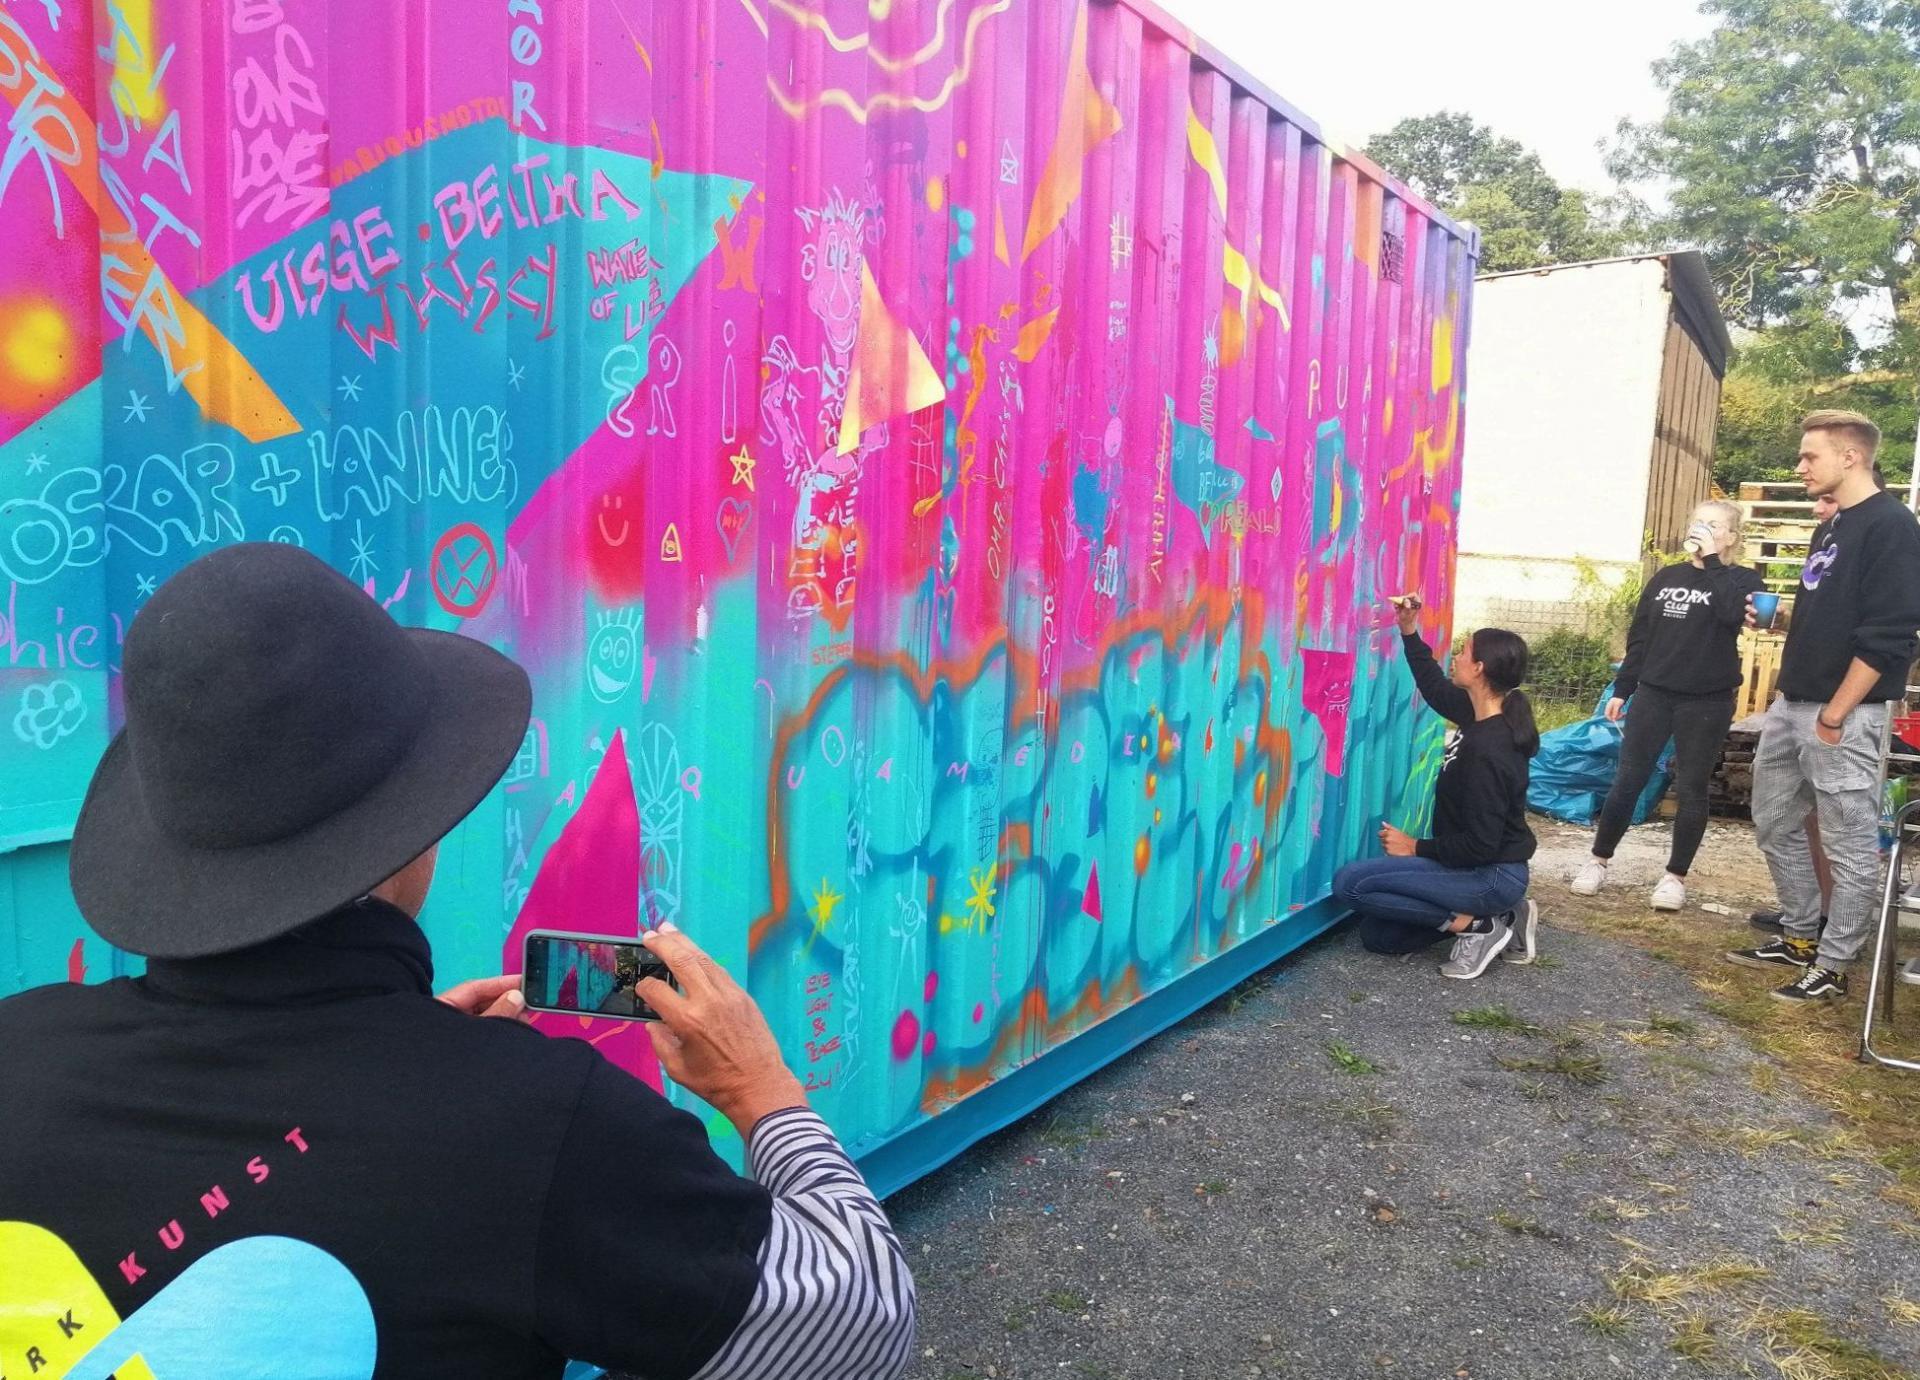 Ein Container wurde während des Hoffestes von Gästen kreativ gestaltet. Foto: Ingrid Hoberg